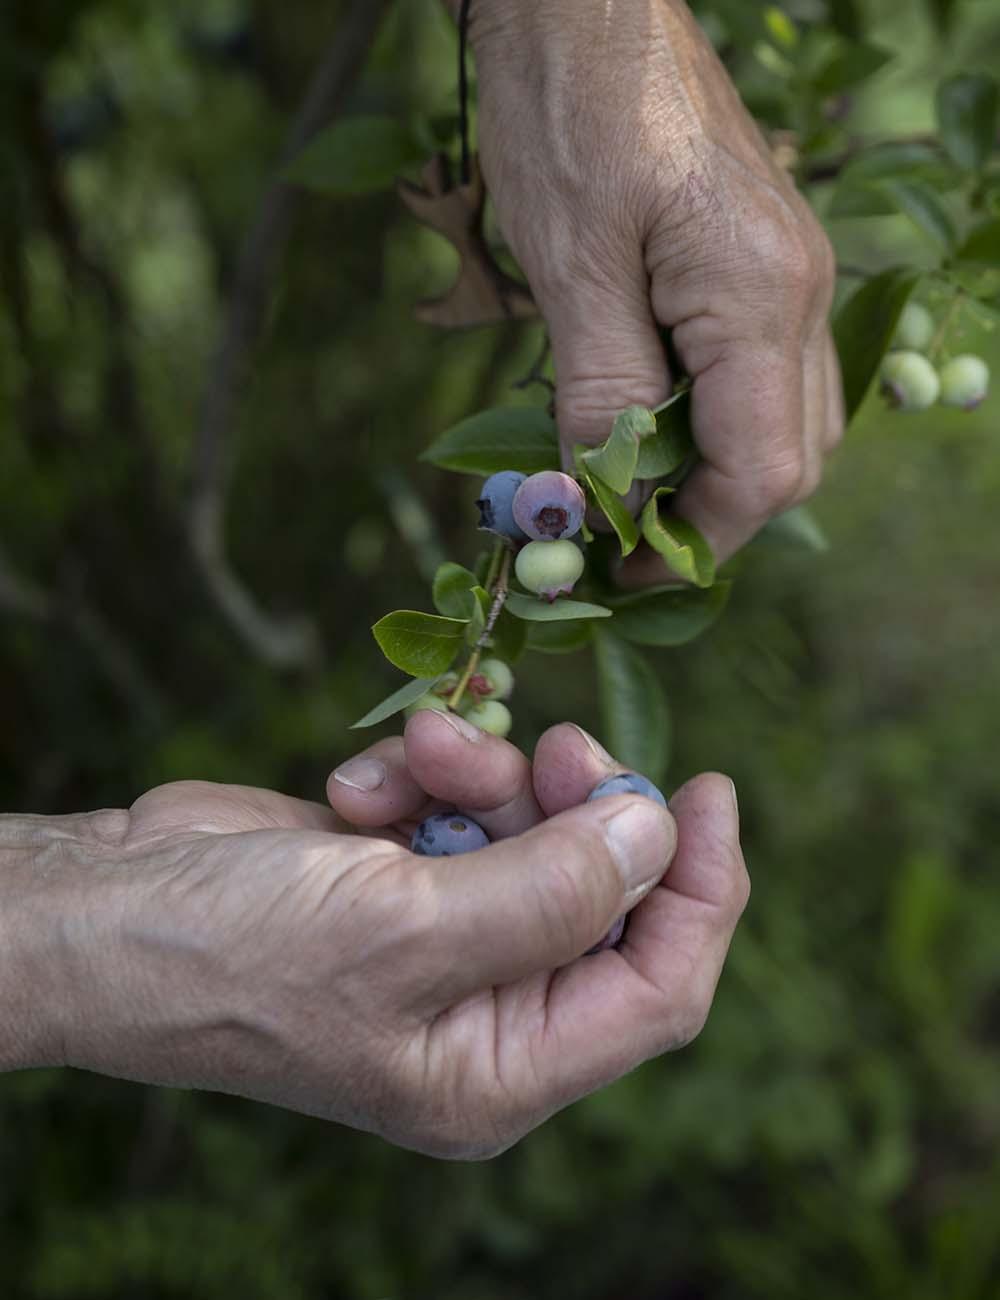 Birgit Wahlen pflückt frische Heidebeeren. Auf dem Foto sind ihre Hände zu sehn, die vorsichtig die Beeren vom Busch nehmen.